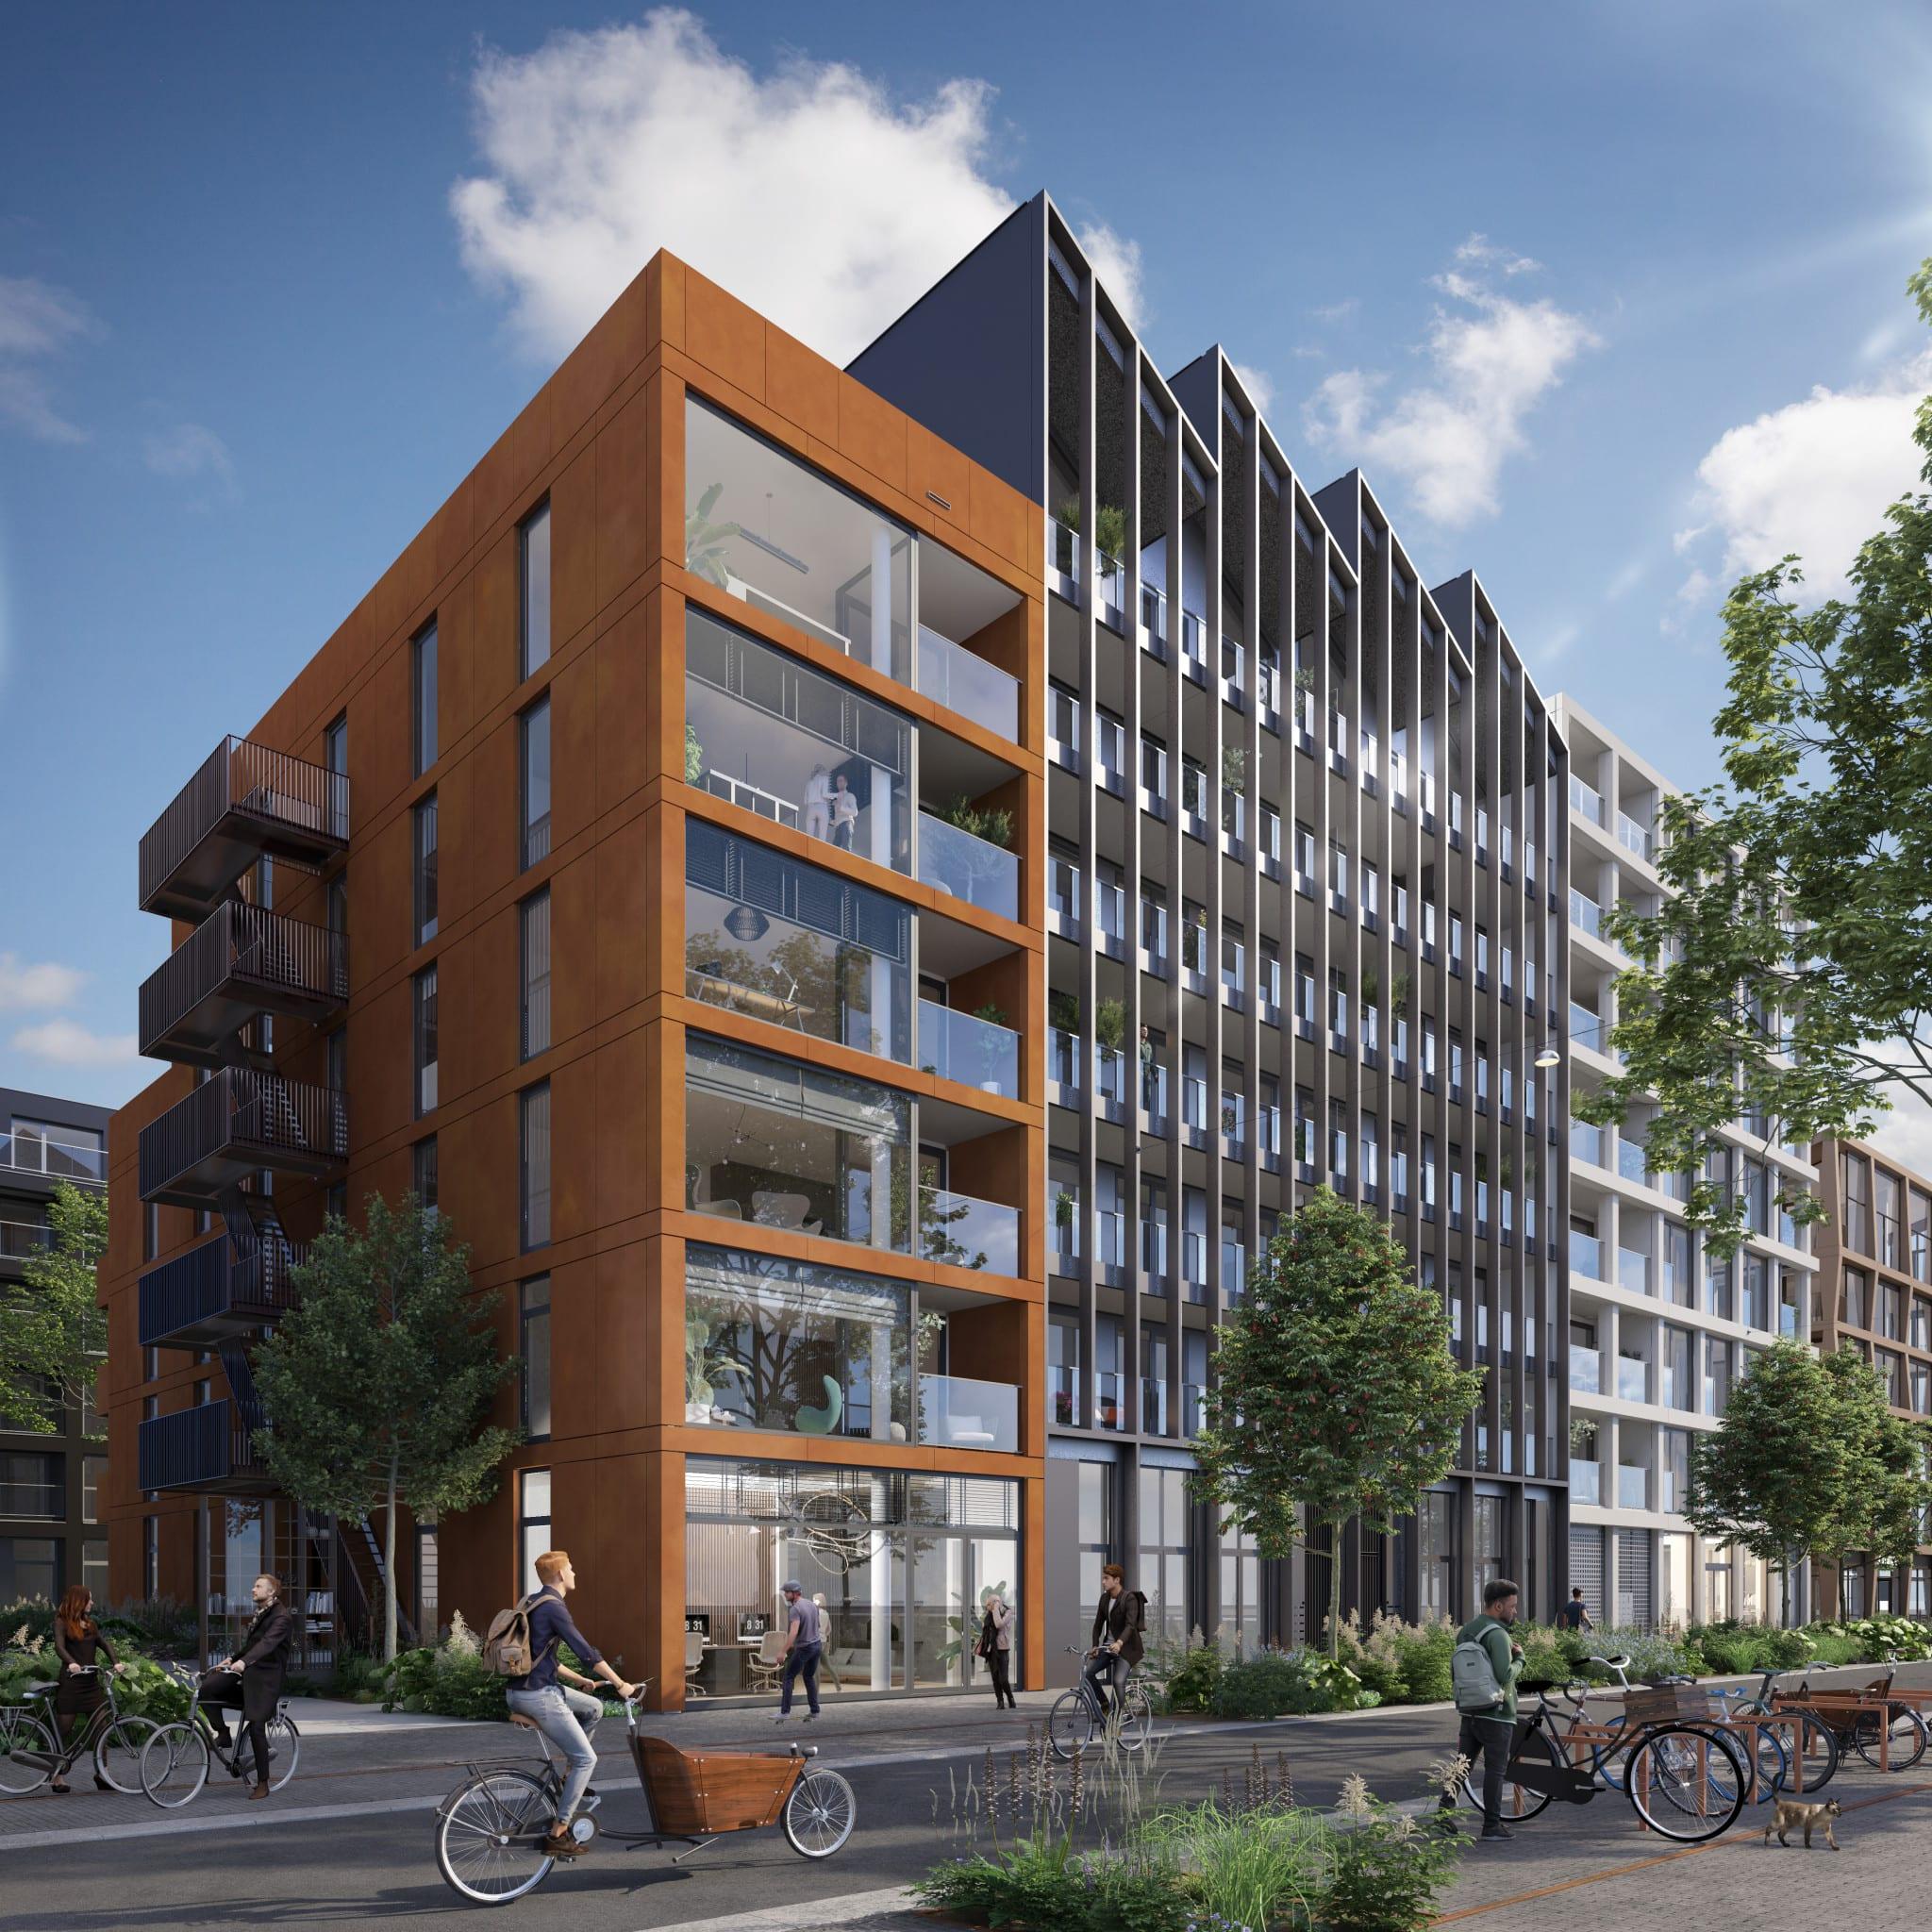 Blok 2 aan het begin van de Oostenburgermiddenstraat